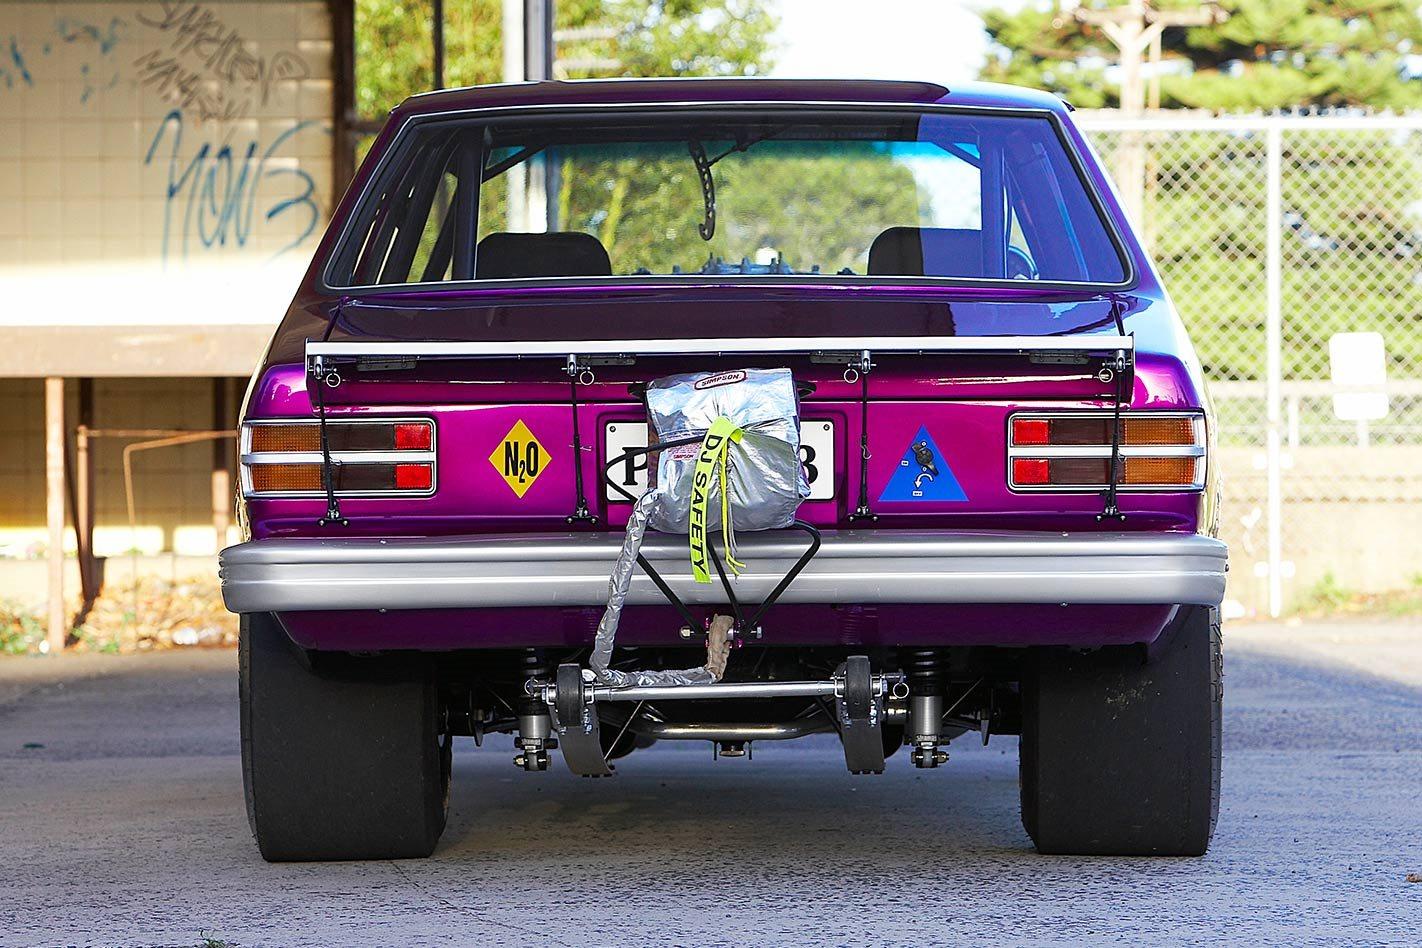 Torana LH rear